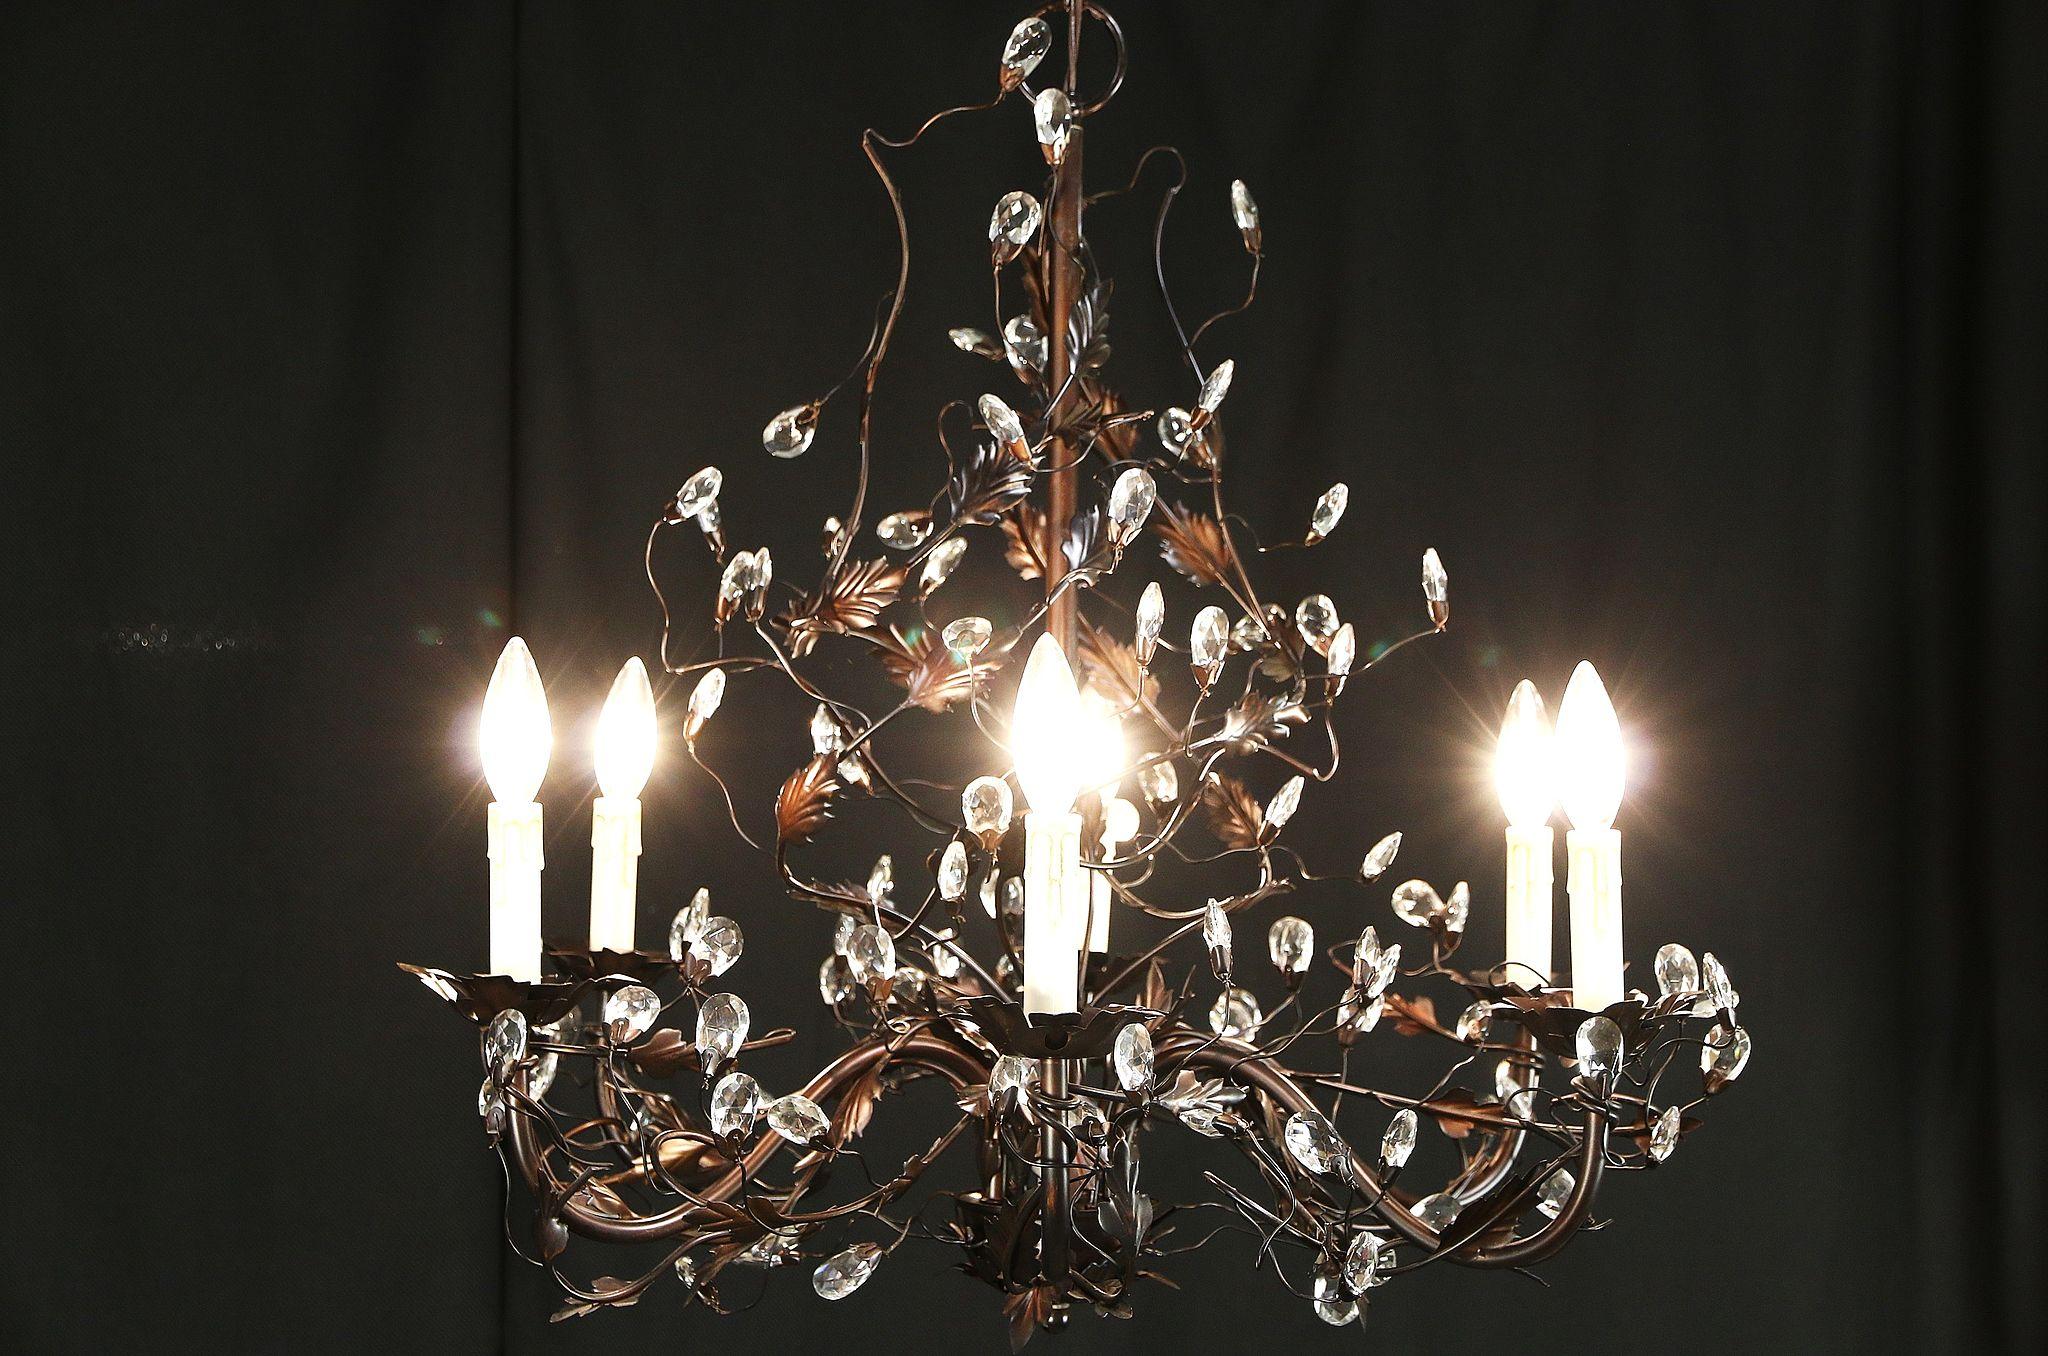 miami zimmerman jeff design img chandelier by vine